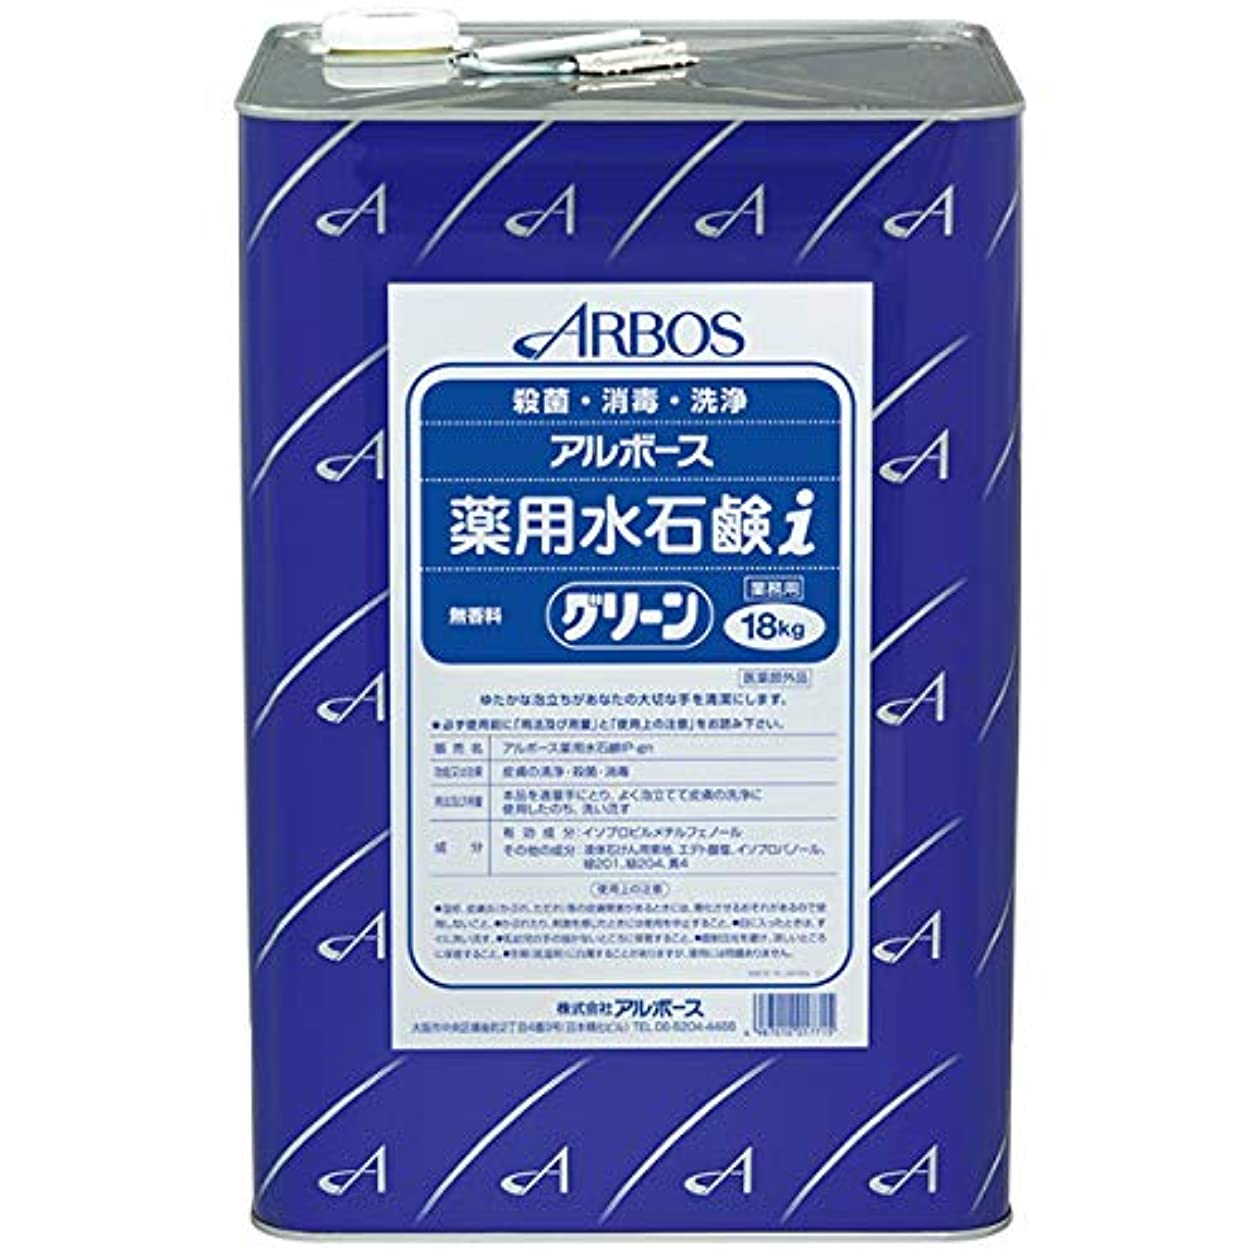 変な晩ごはん地質学【清潔キレイ館】アルボース薬用水石鹸グリーンi(18L)